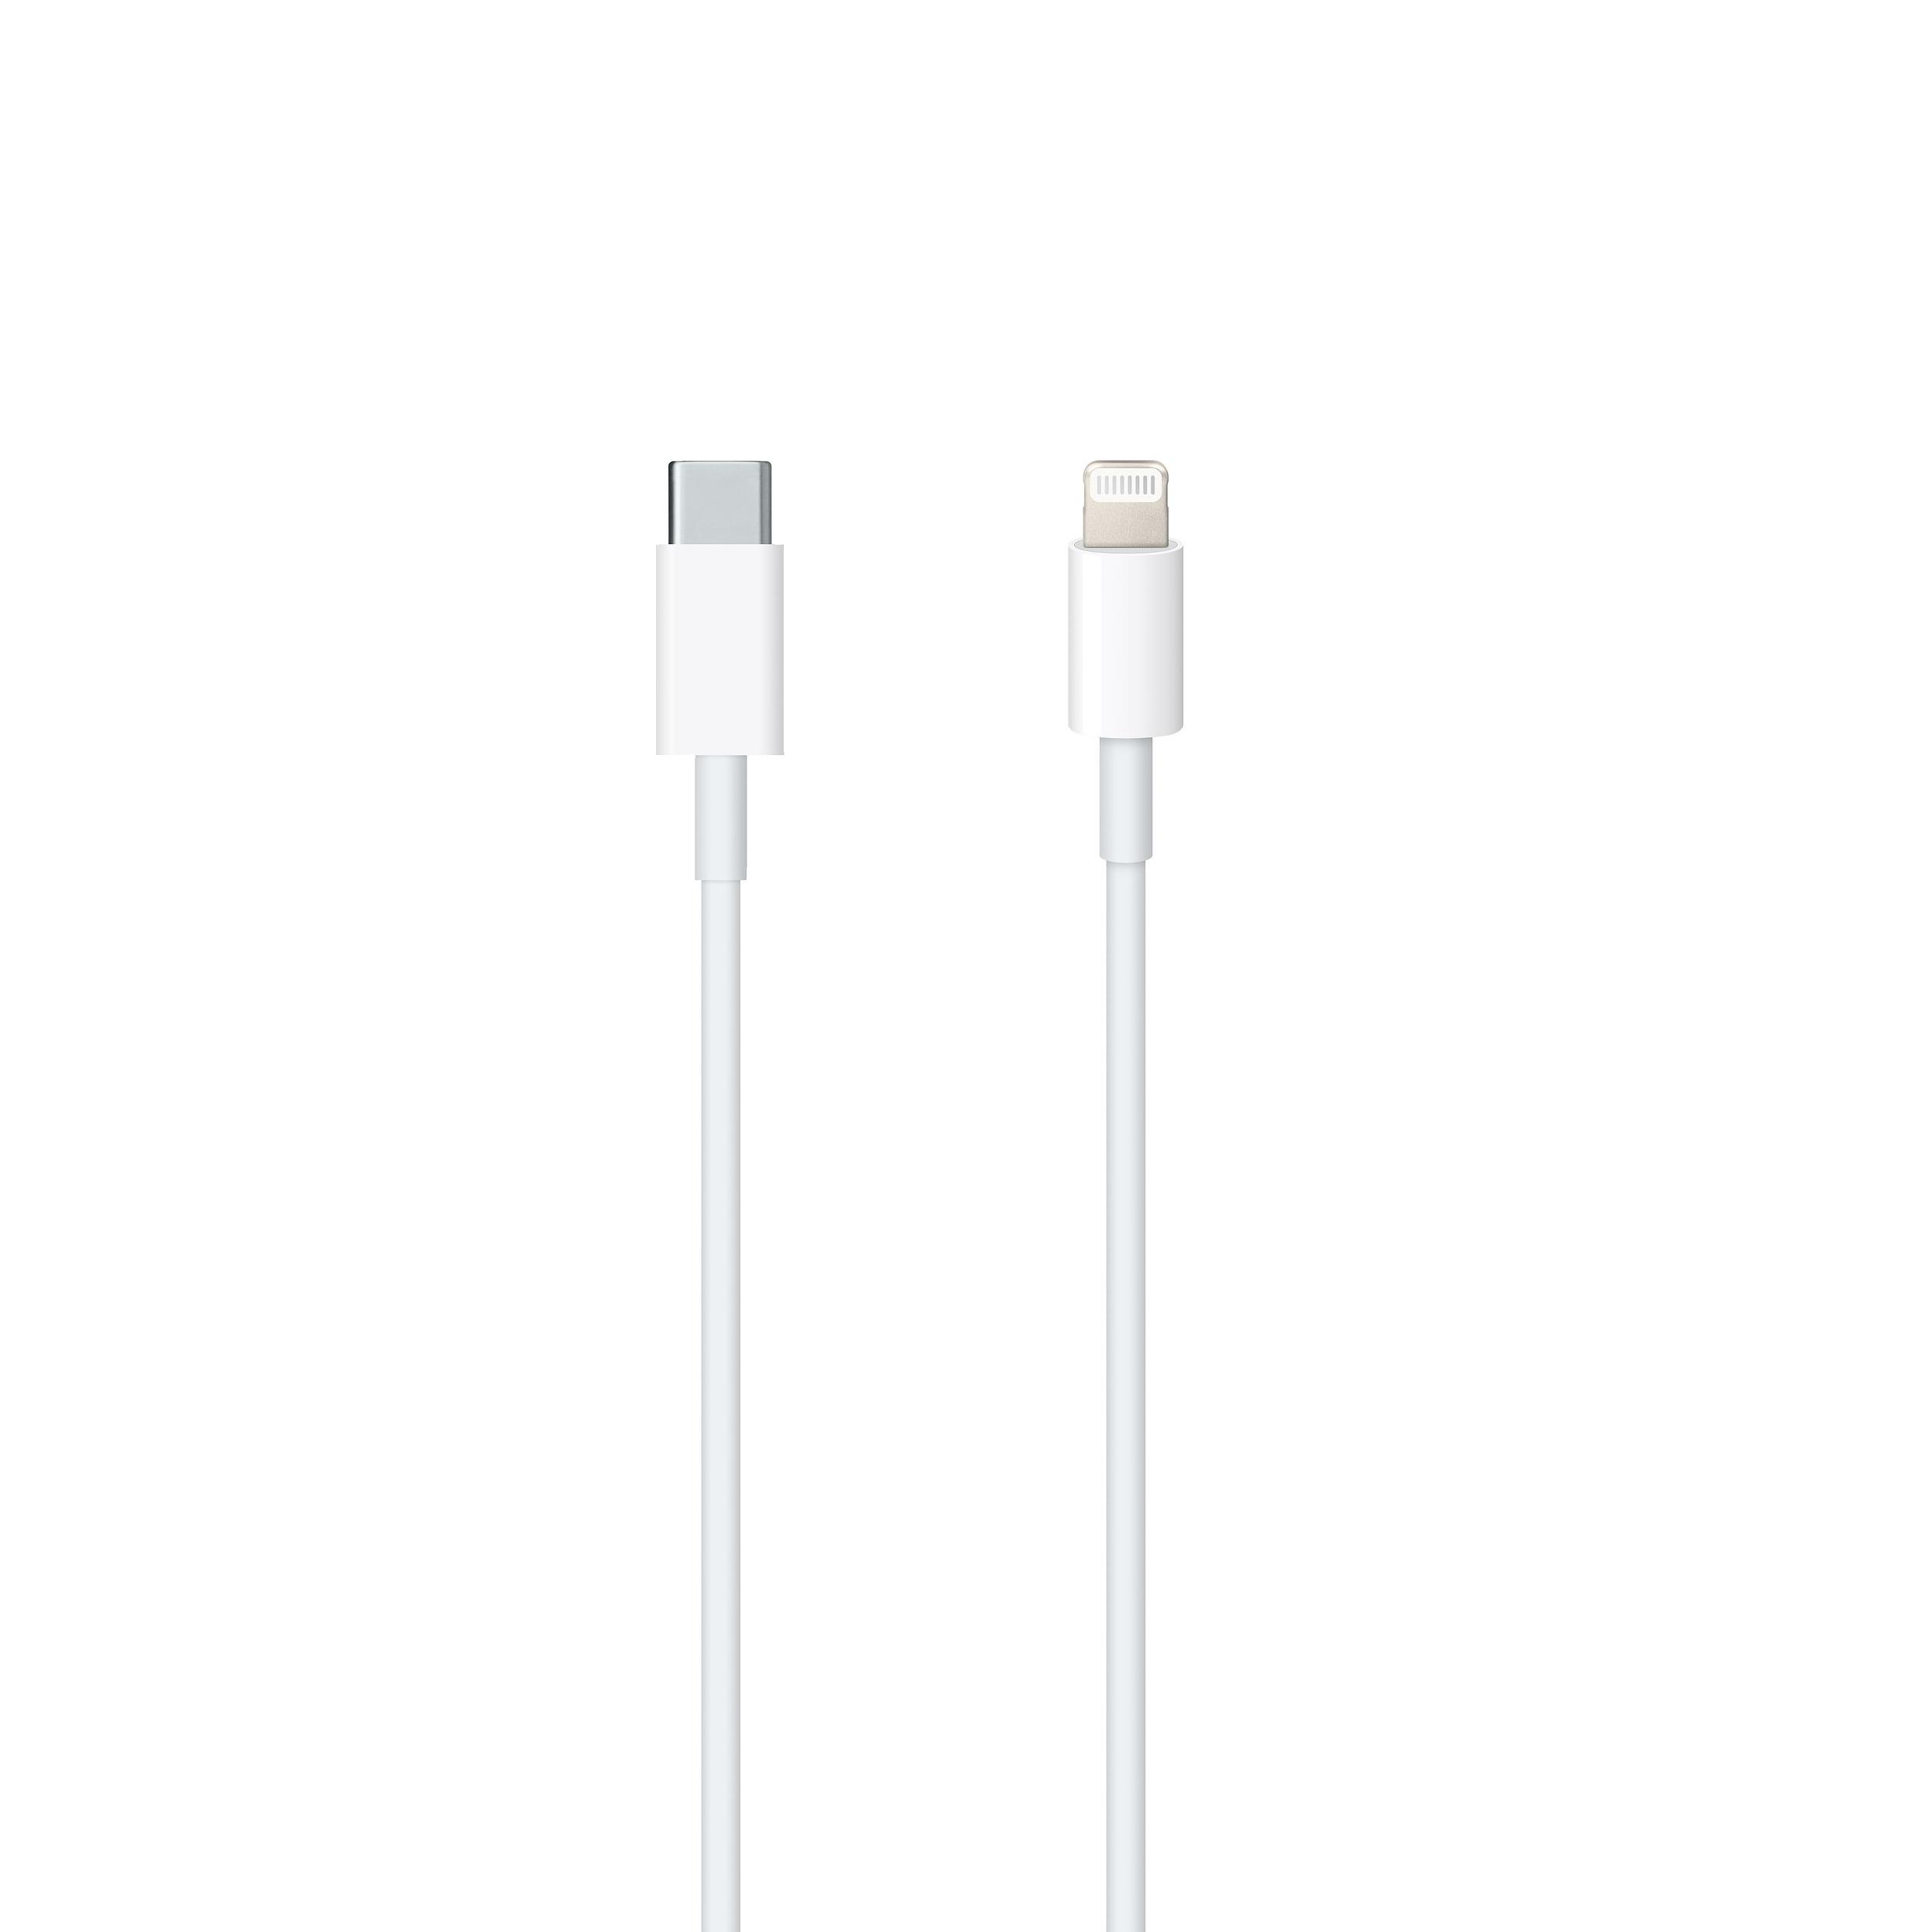 کابل تبدیل USB-C به لایتنینگ اپل طول 2 متر